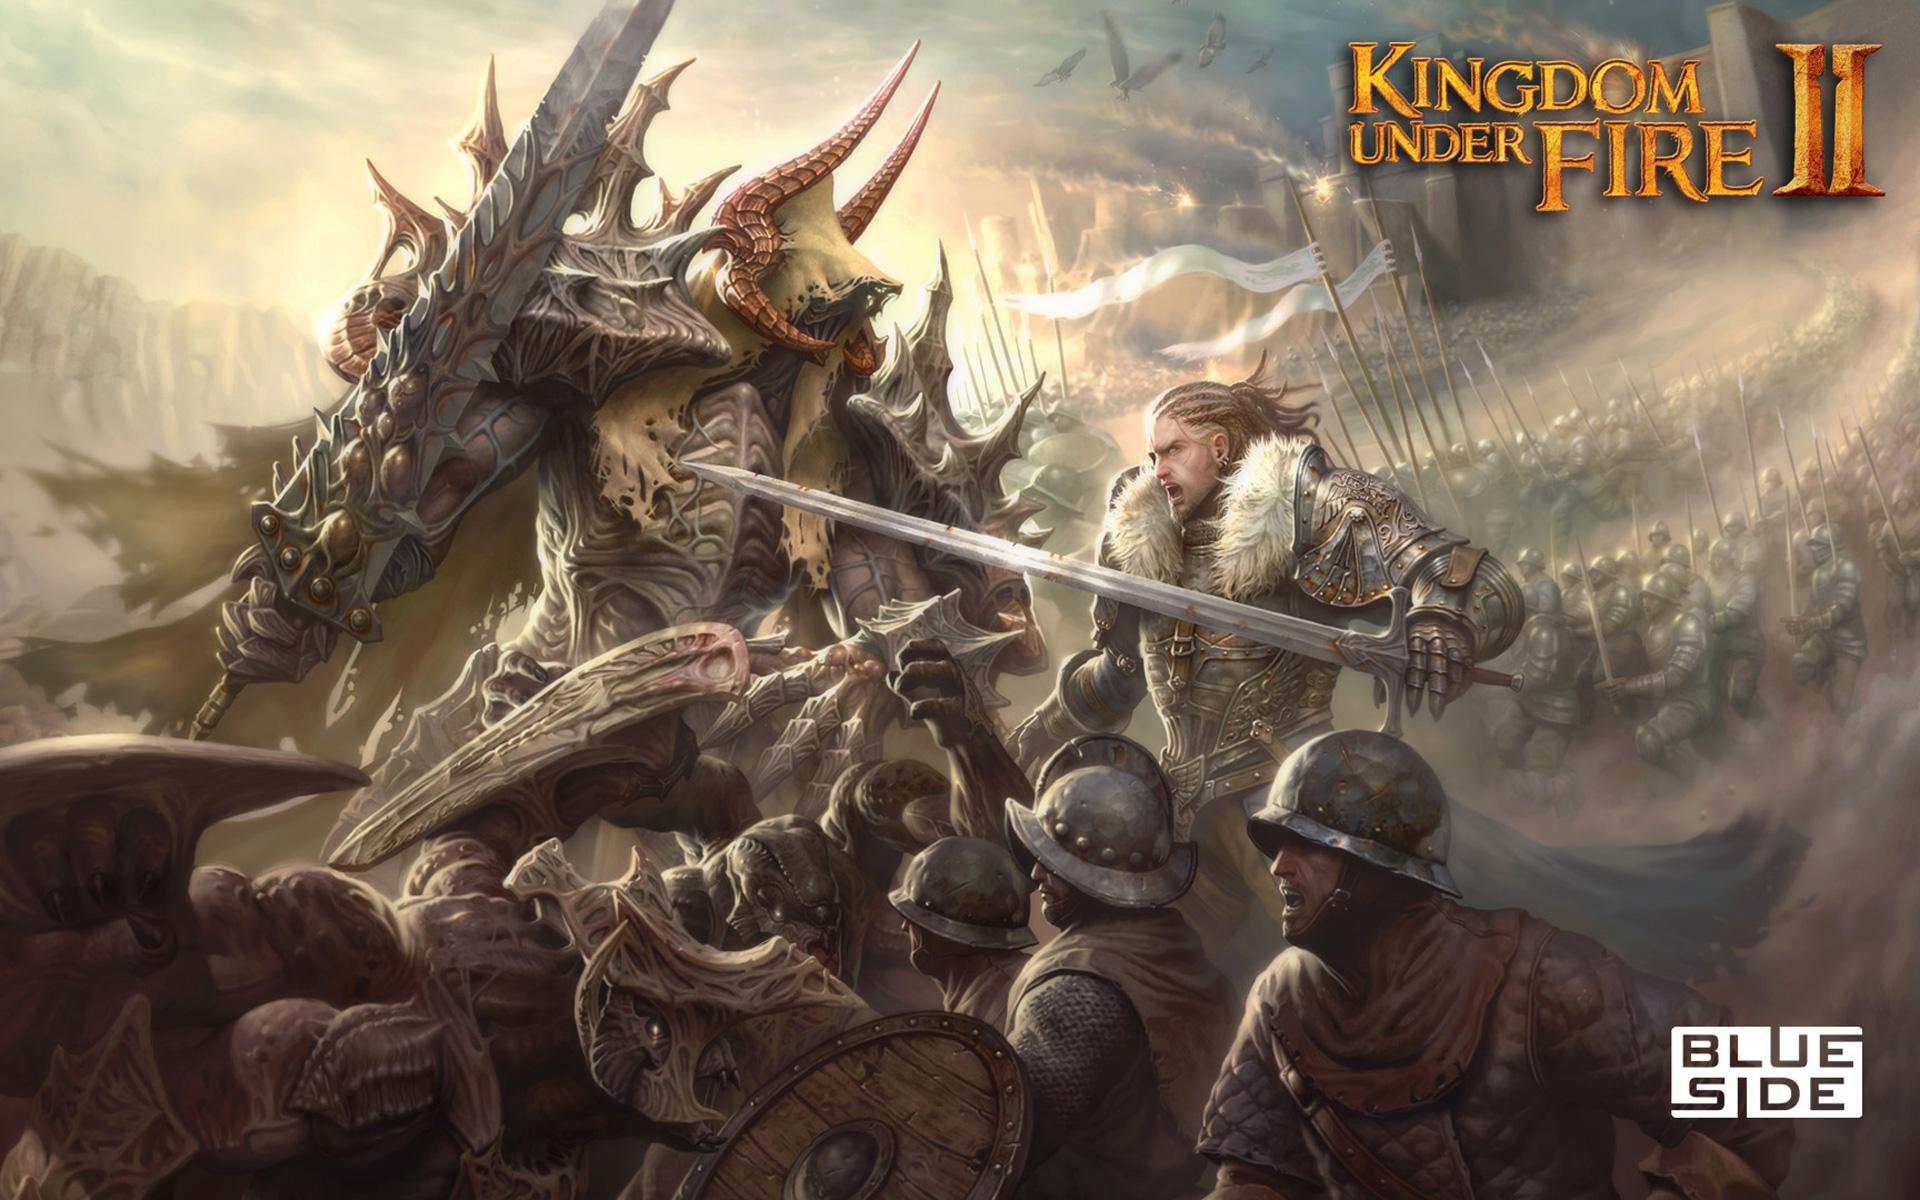 Free Kingdom Under Fire II Wallpaper in 1920x1200